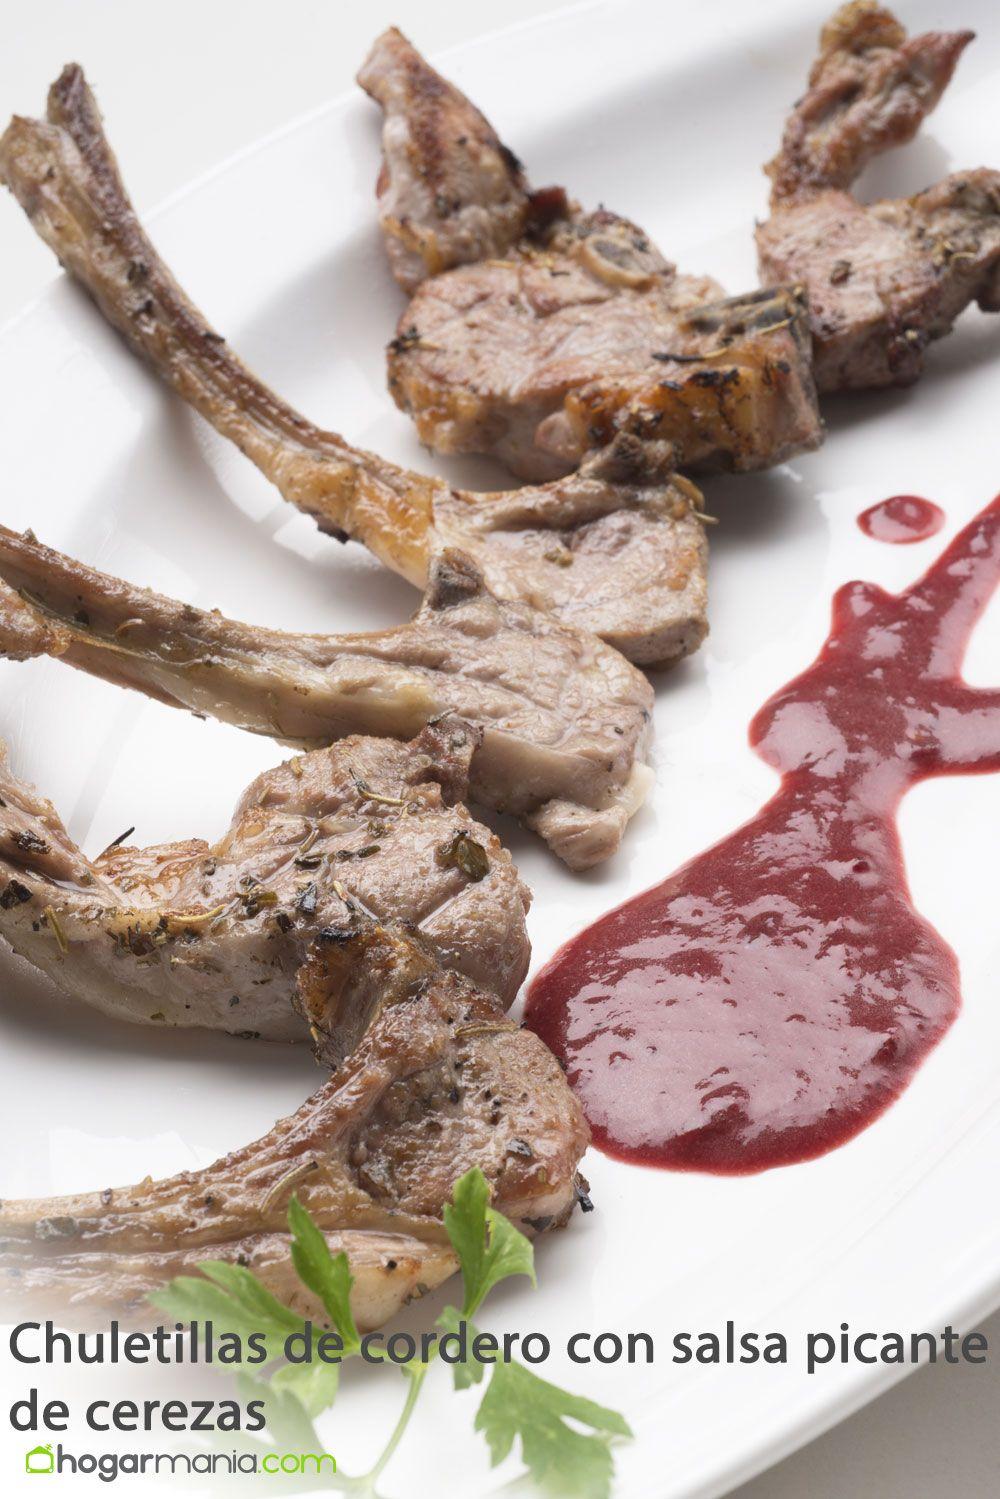 chuletillas de cordero con salsa picante de cerezas